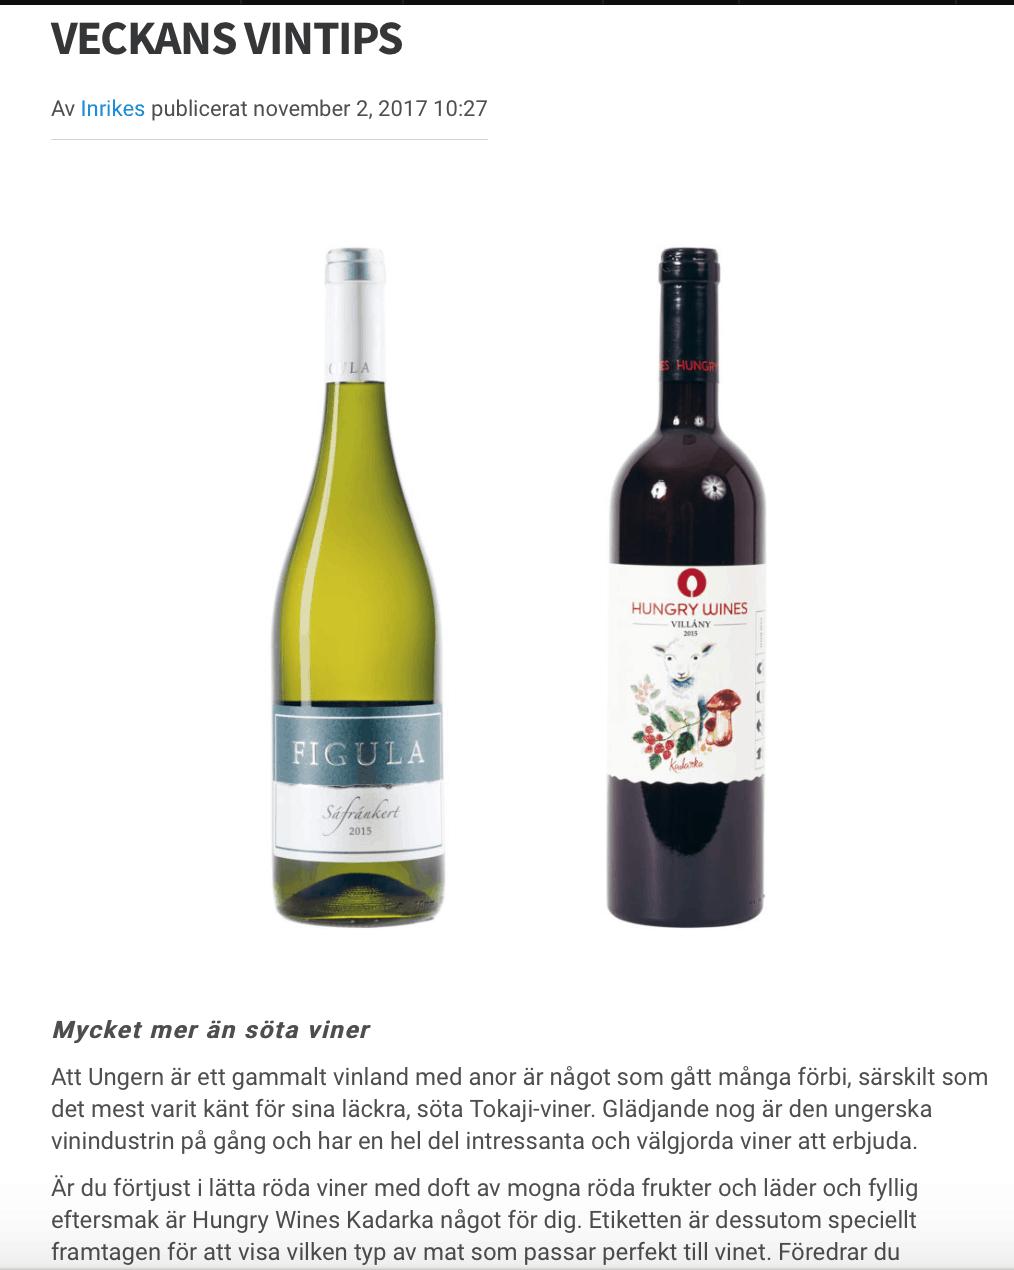 Inrikesmagasinet rekommenderar vår Hungry Wines Kadarka!